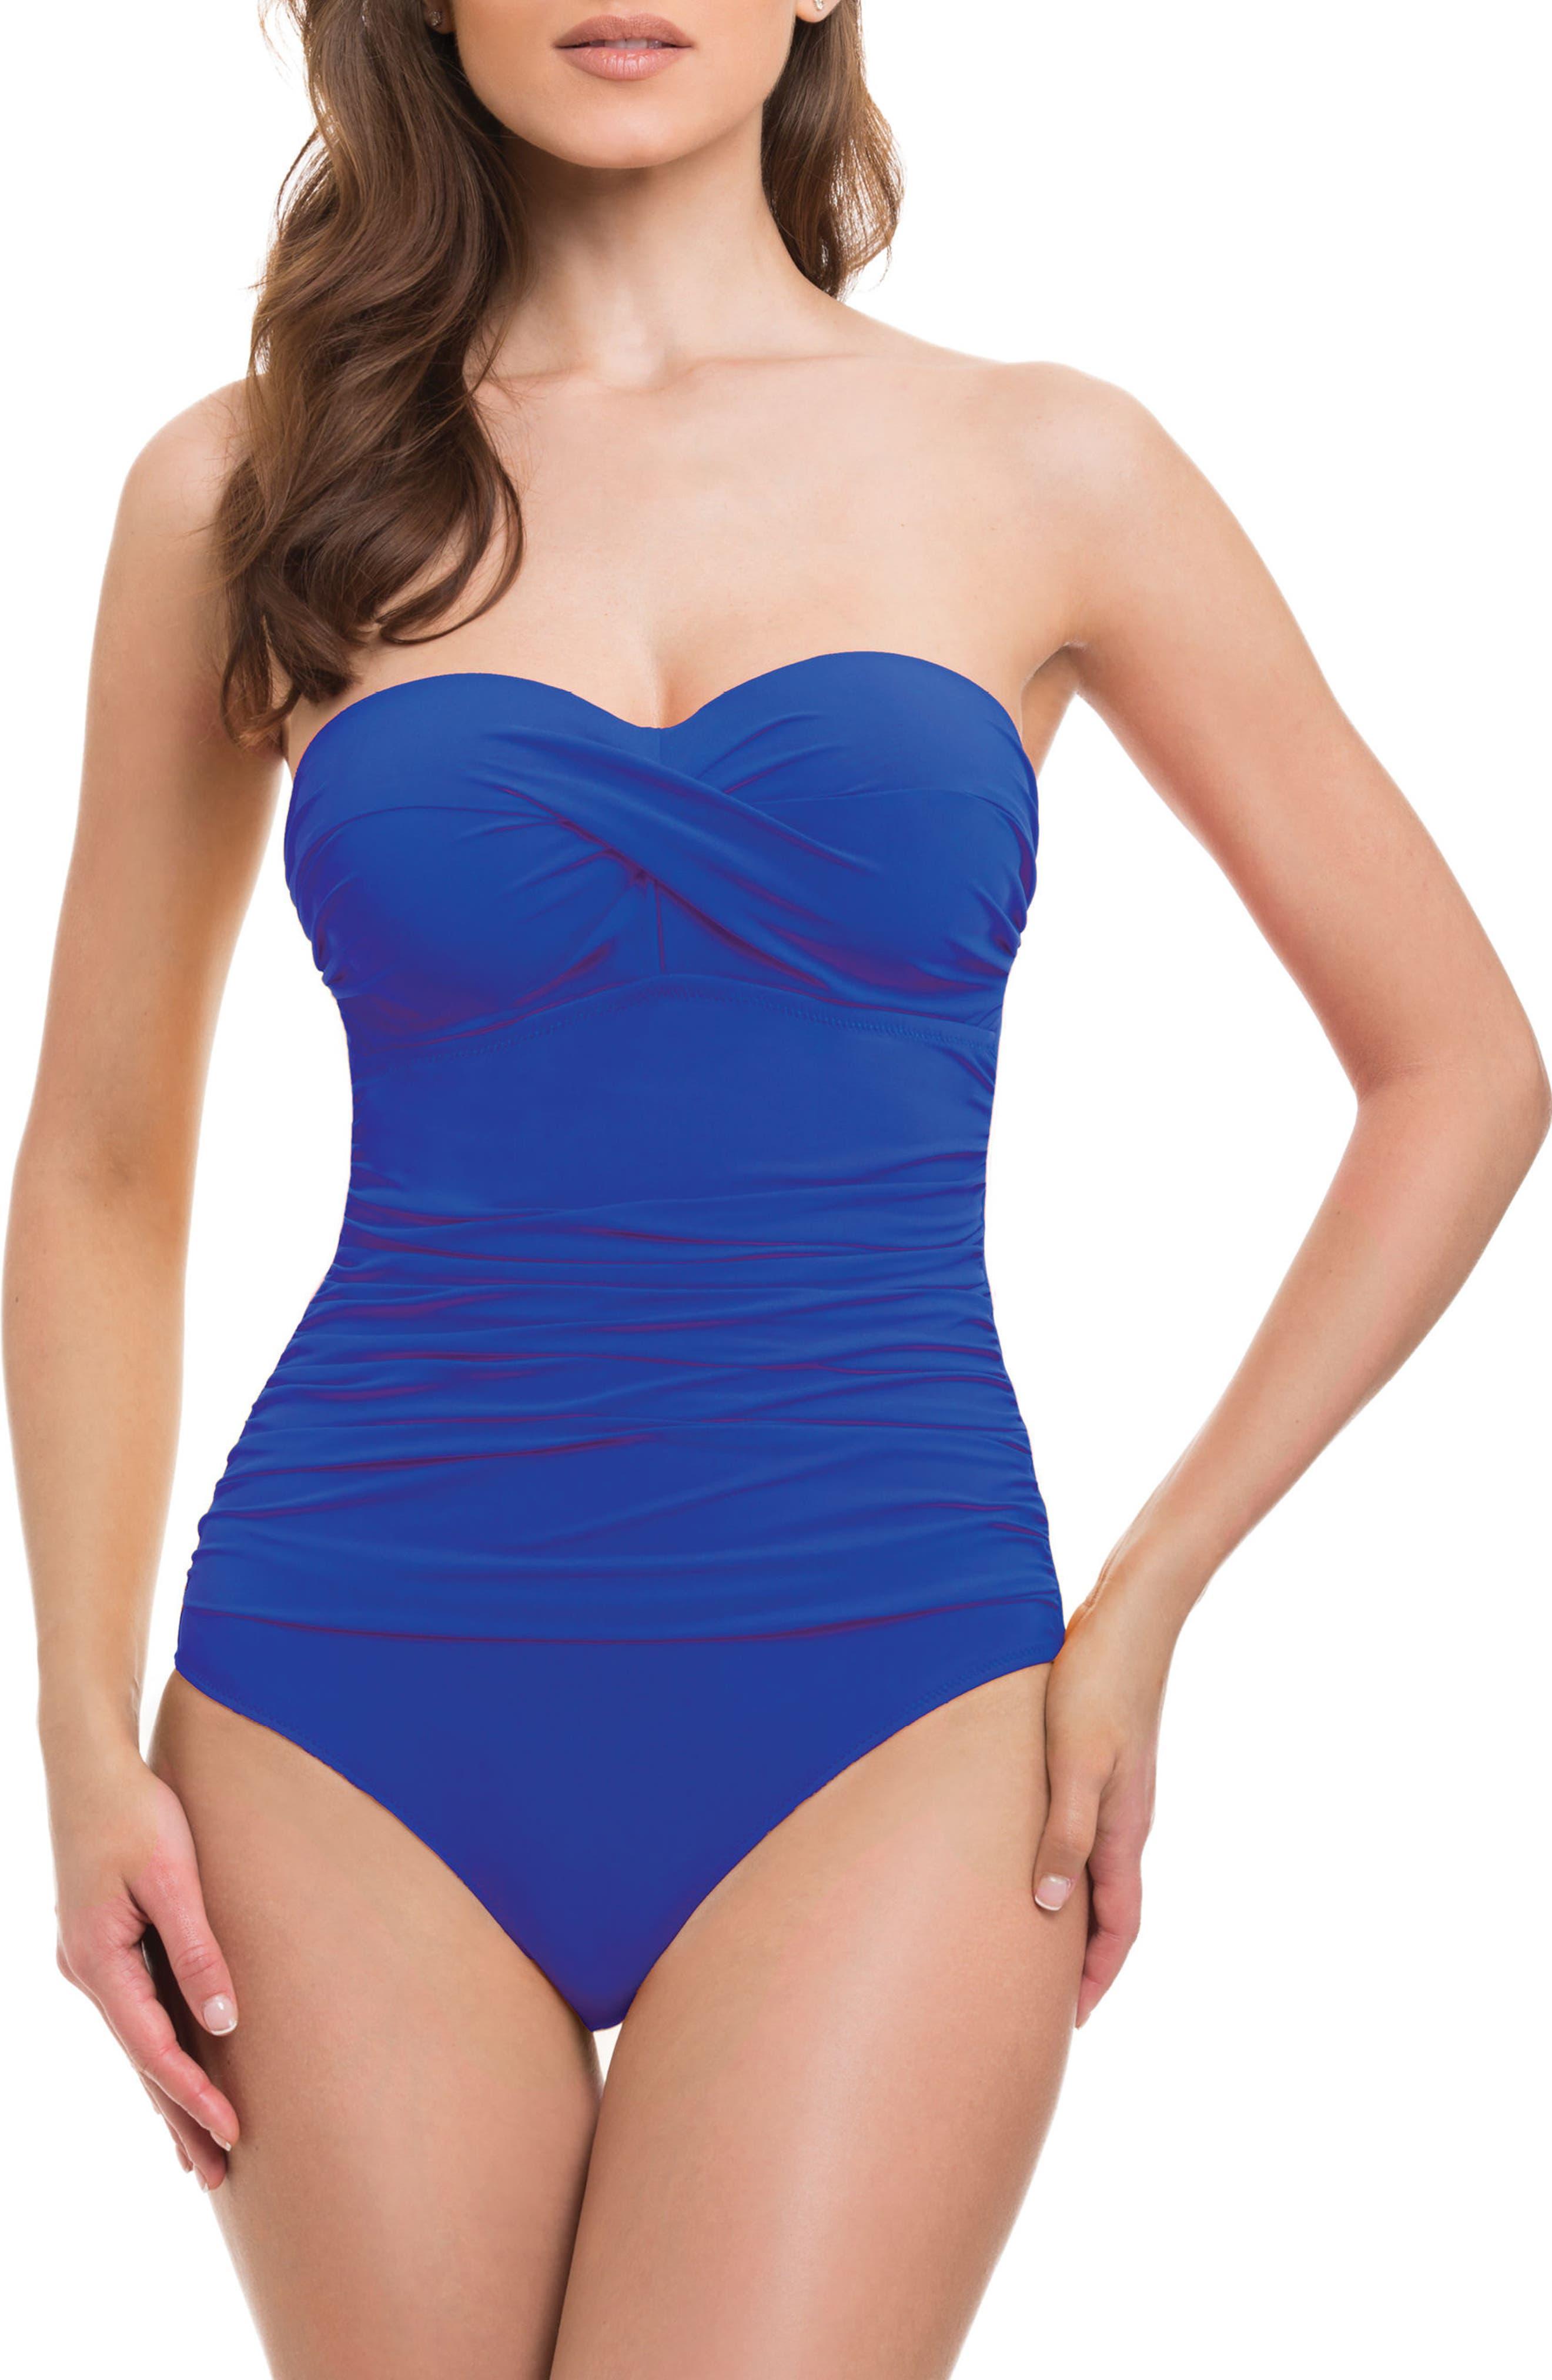 Bandeau One-Piece Swimsuit,                             Main thumbnail 1, color,